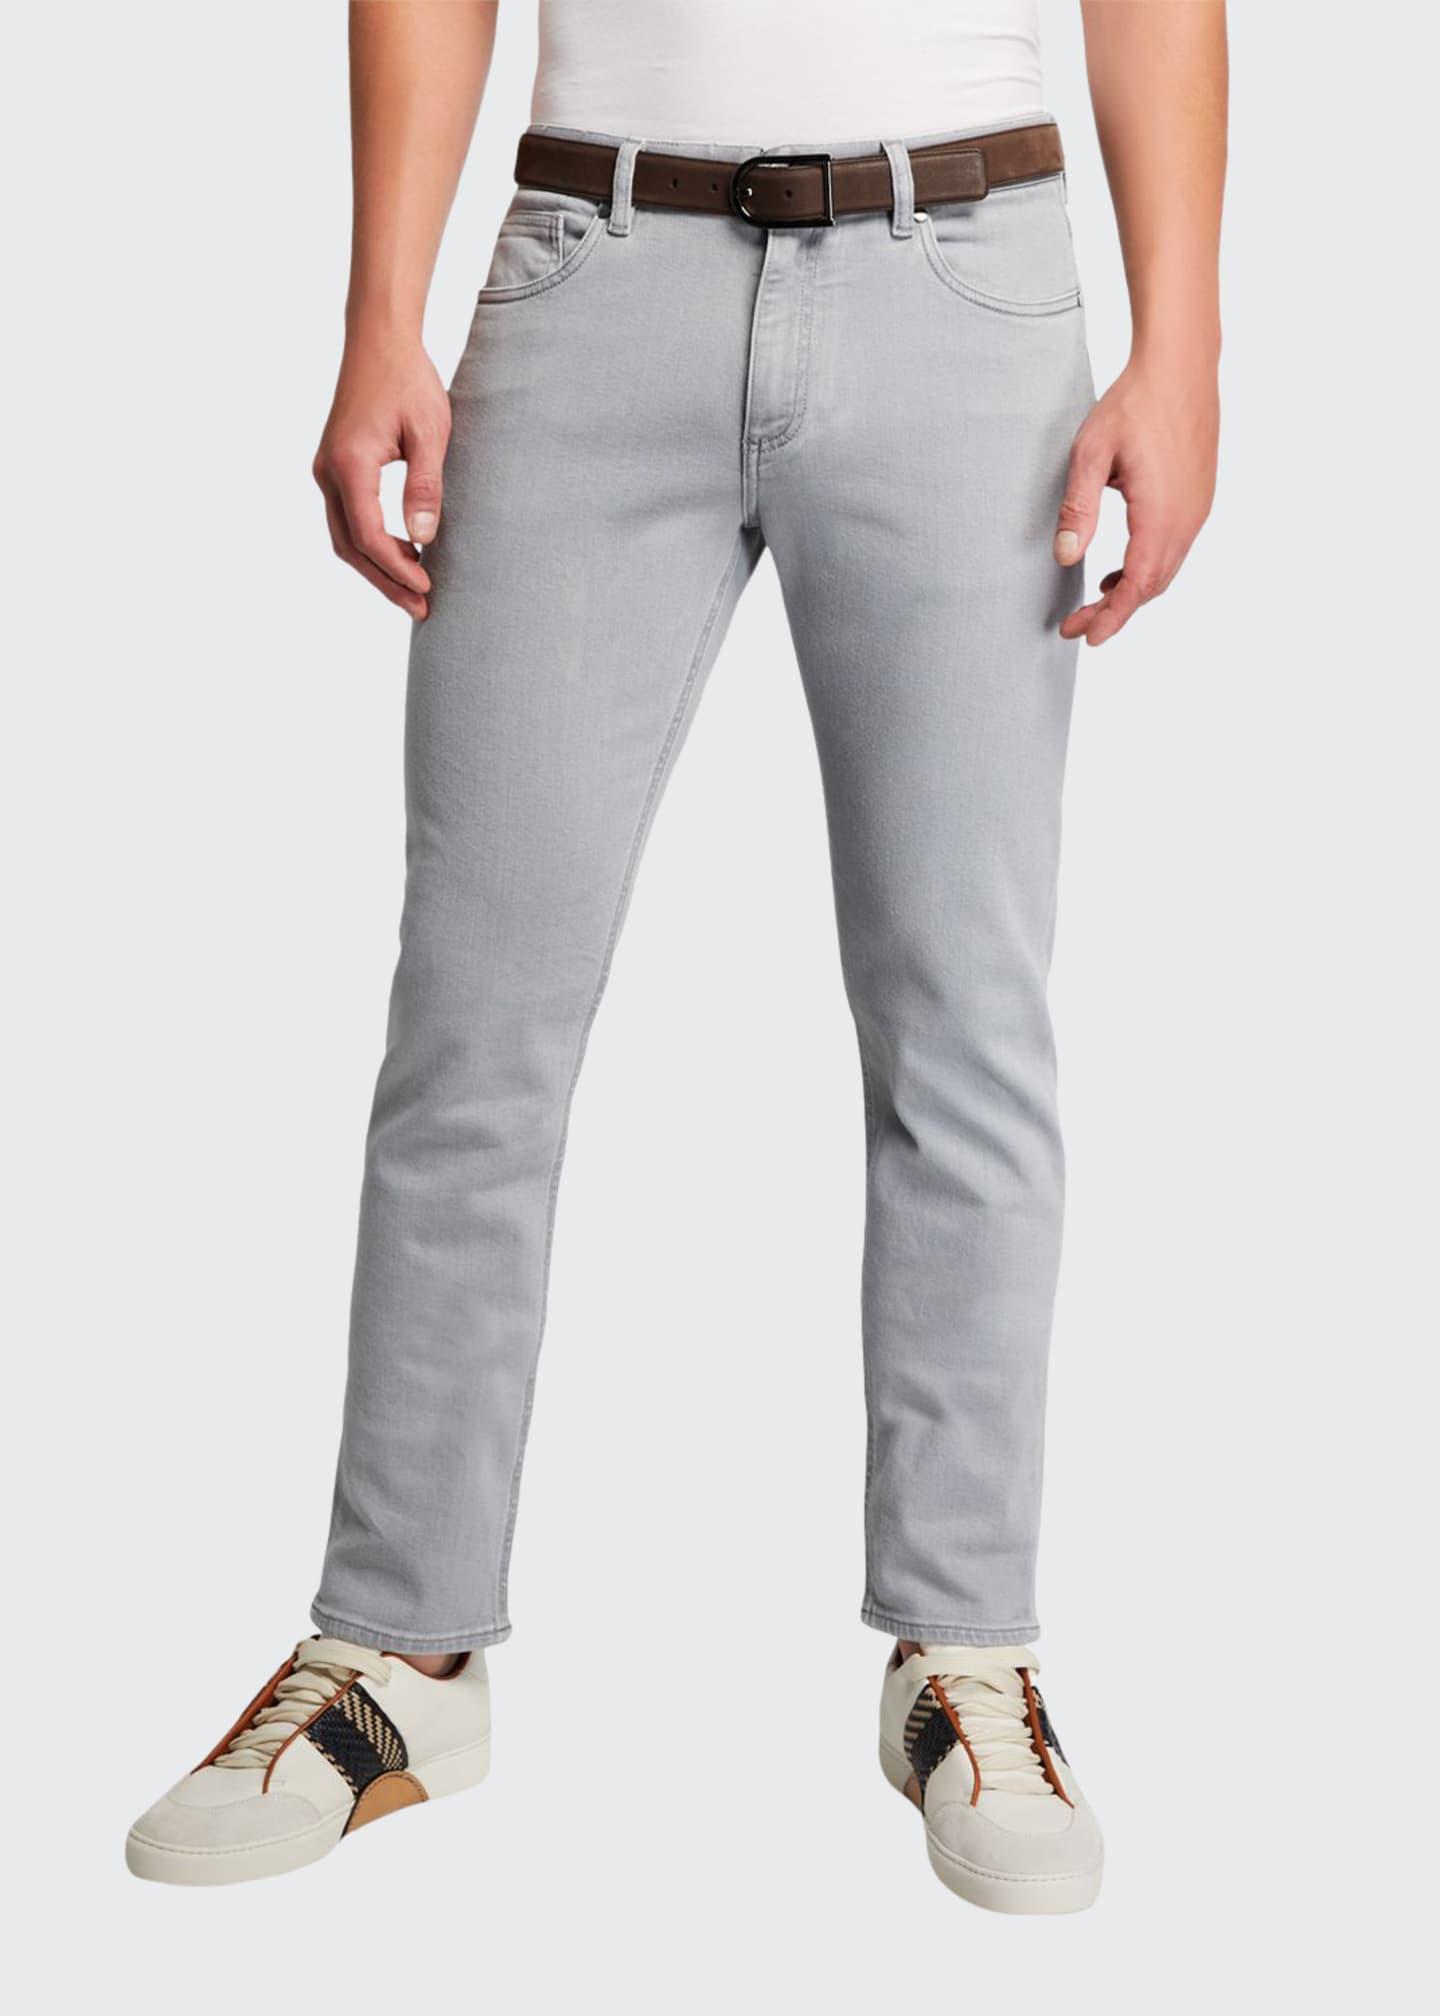 Ermenegildo Zegna Men's Gray-Wash Five-Pocket Jeans